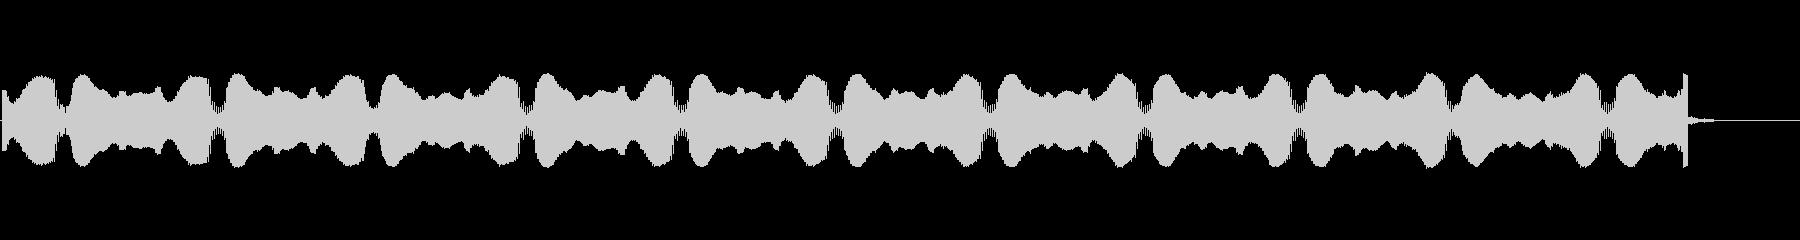 ピコピコ計算/分析解析/宇宙と交信7の未再生の波形